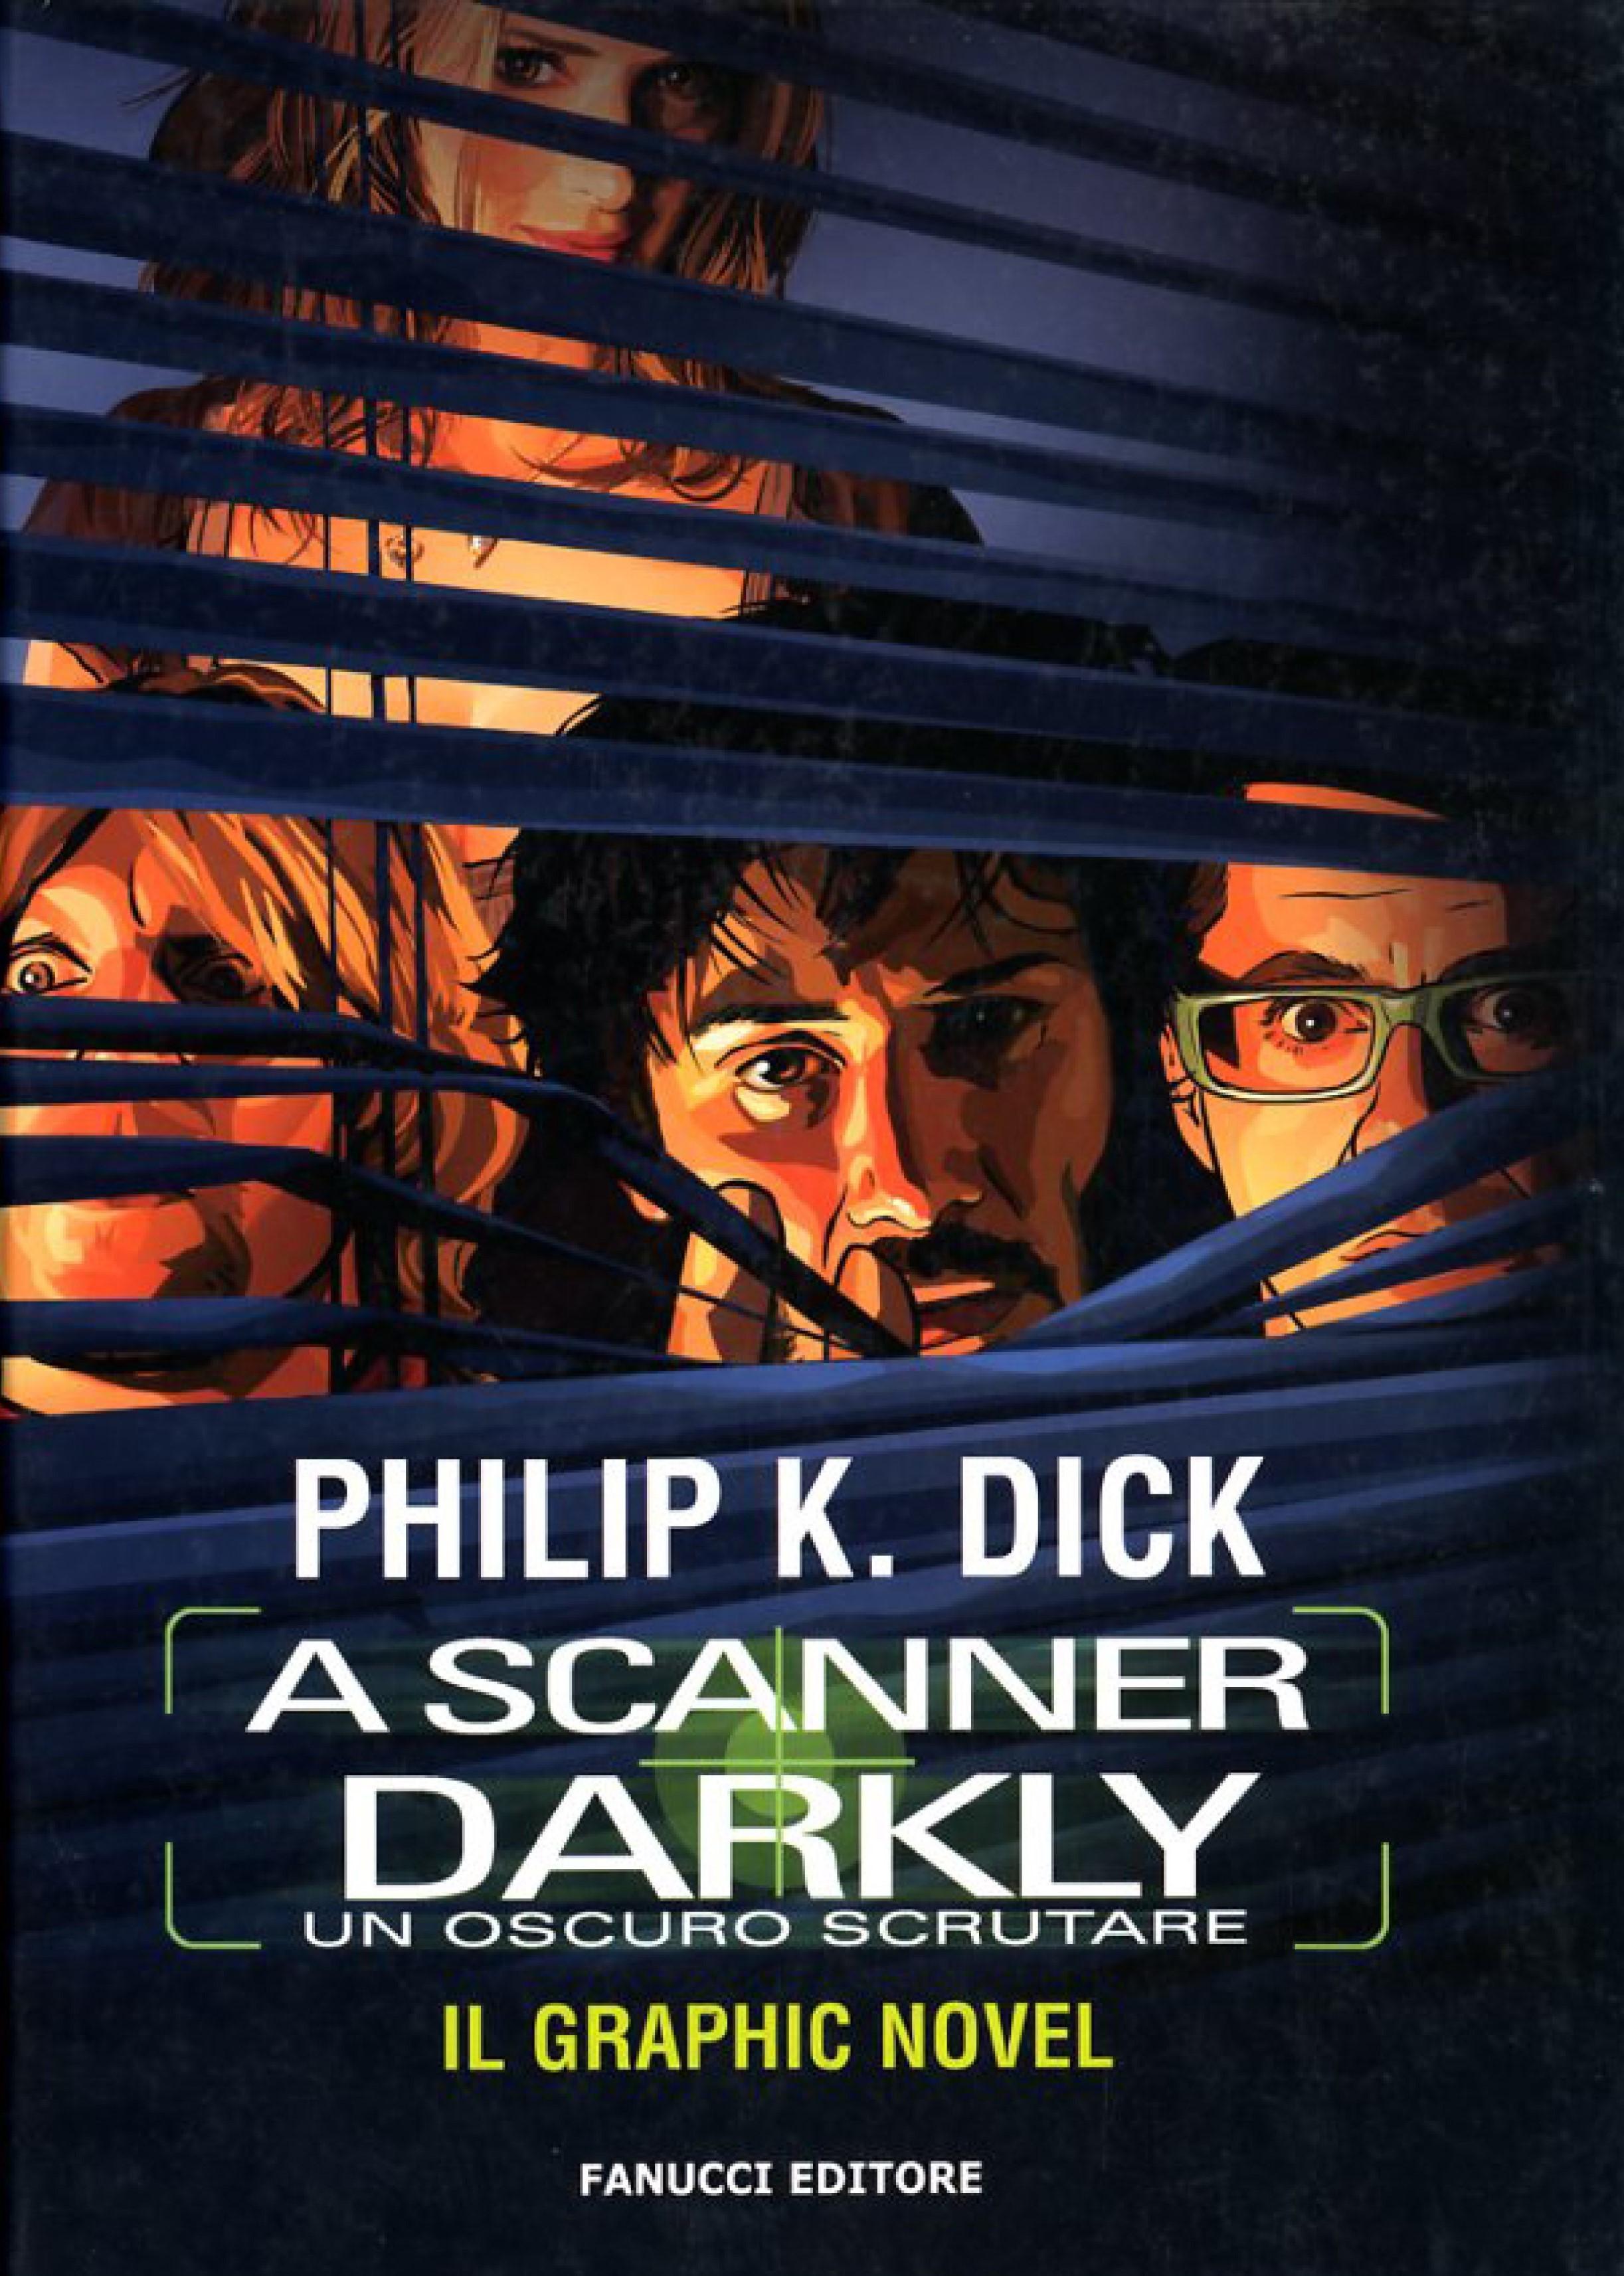 A Scanner Darkly - Un oscuro scrutare - Il Graphic Novel